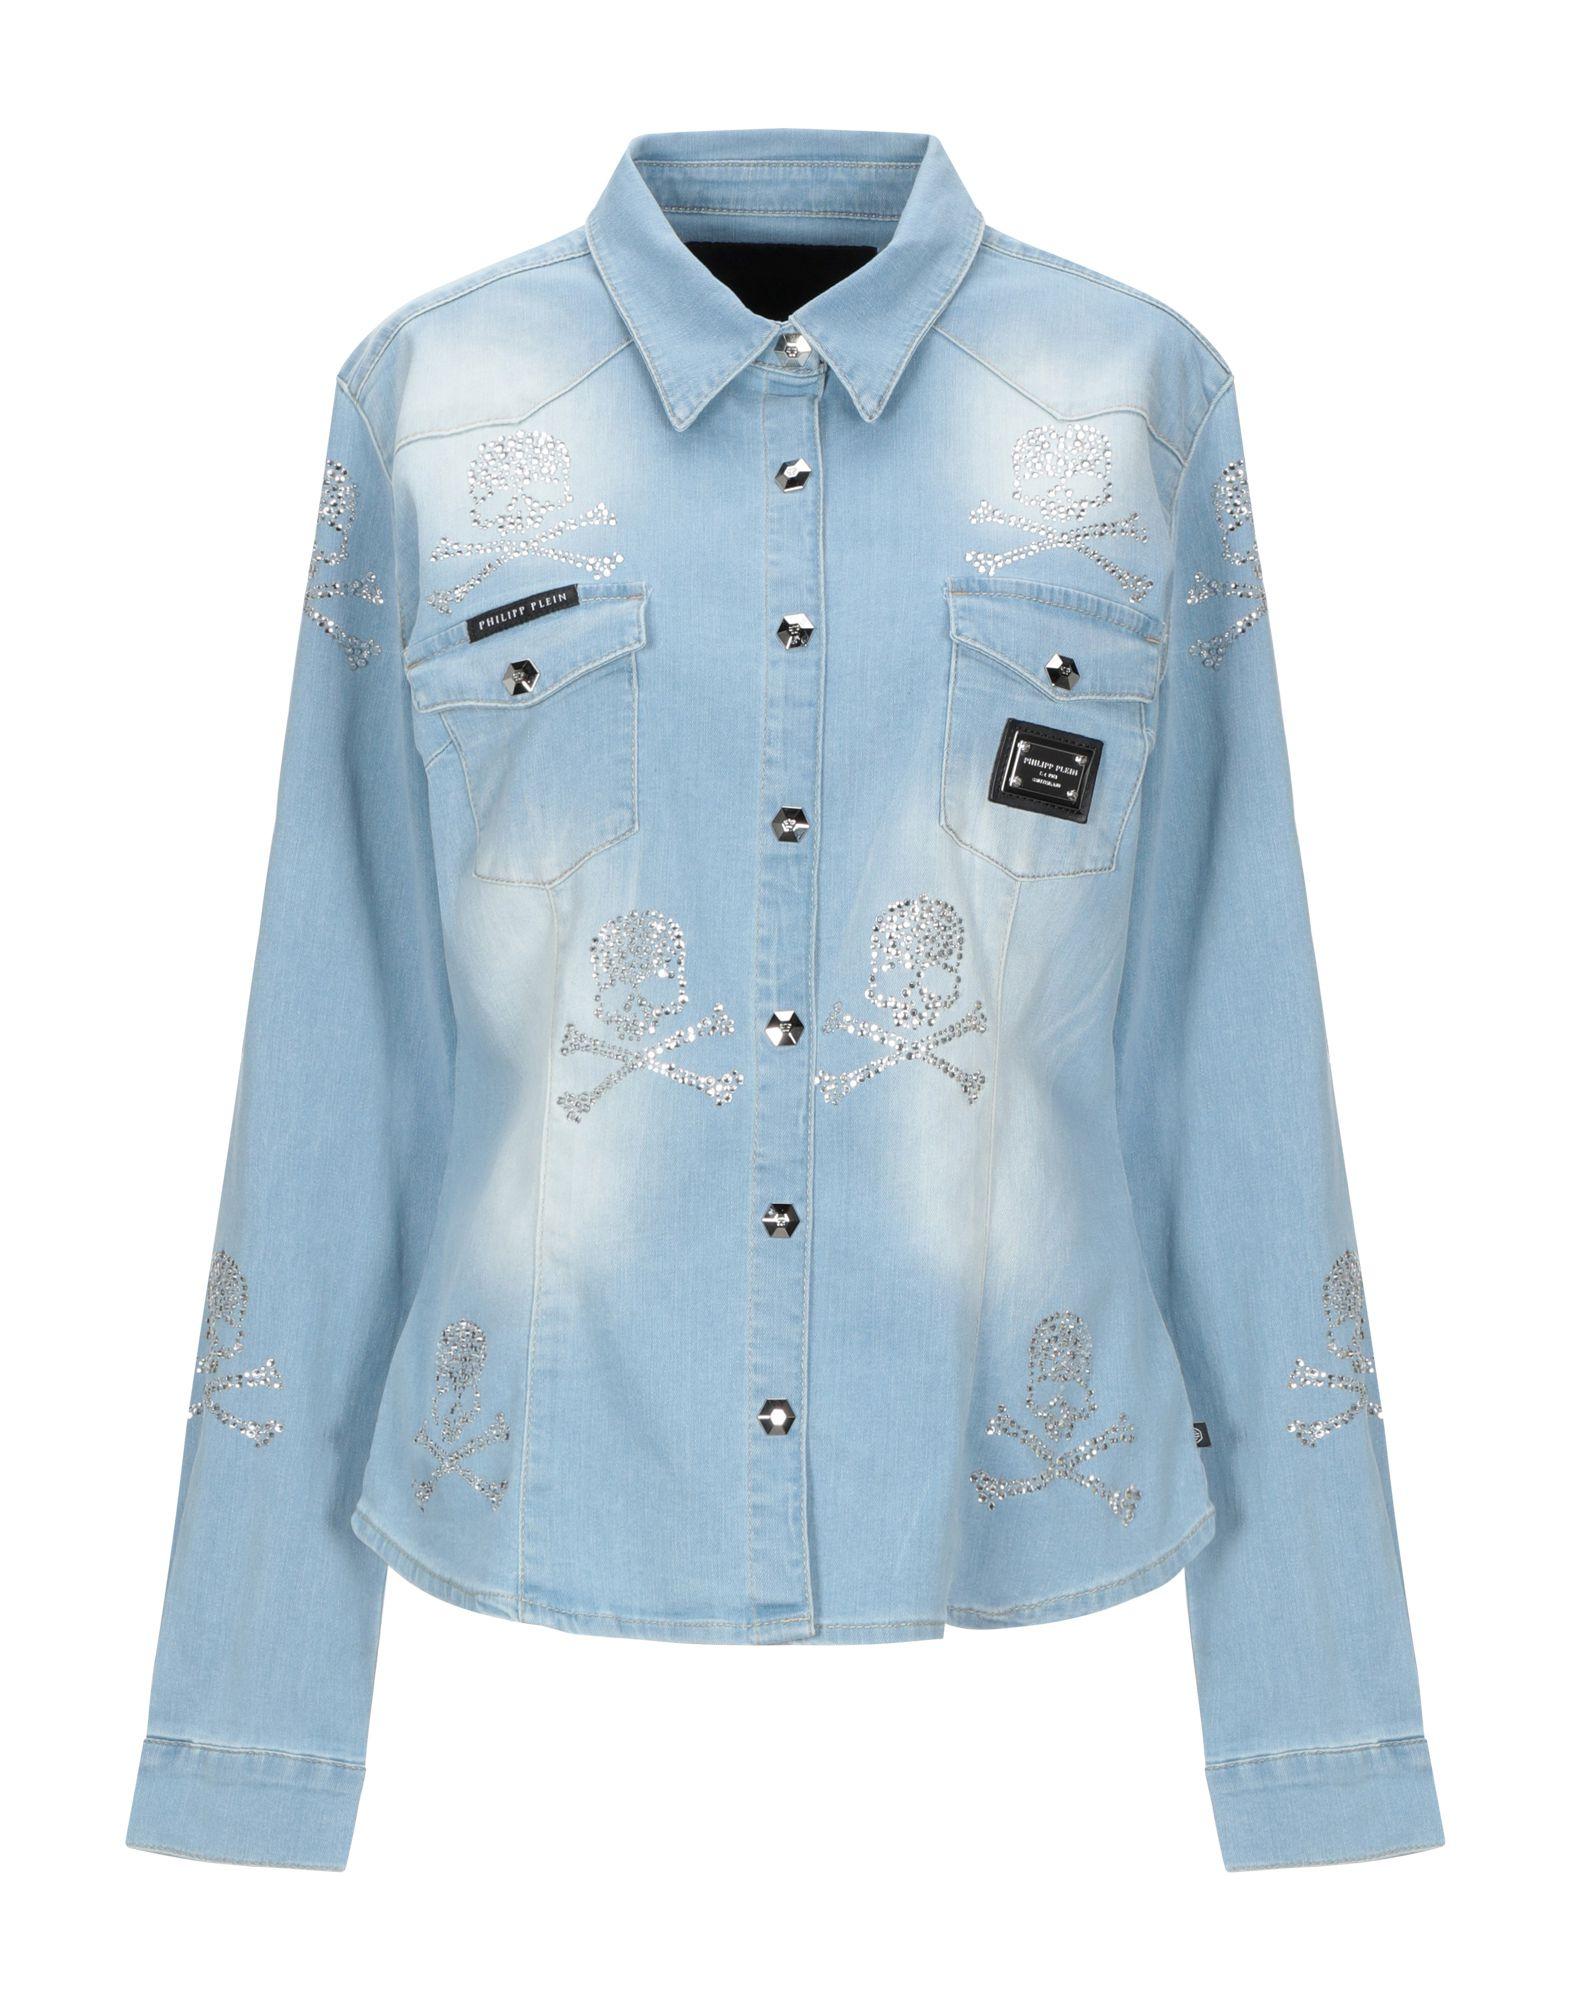 купить PHILIPP PLEIN Джинсовая рубашка по цене 30800 рублей